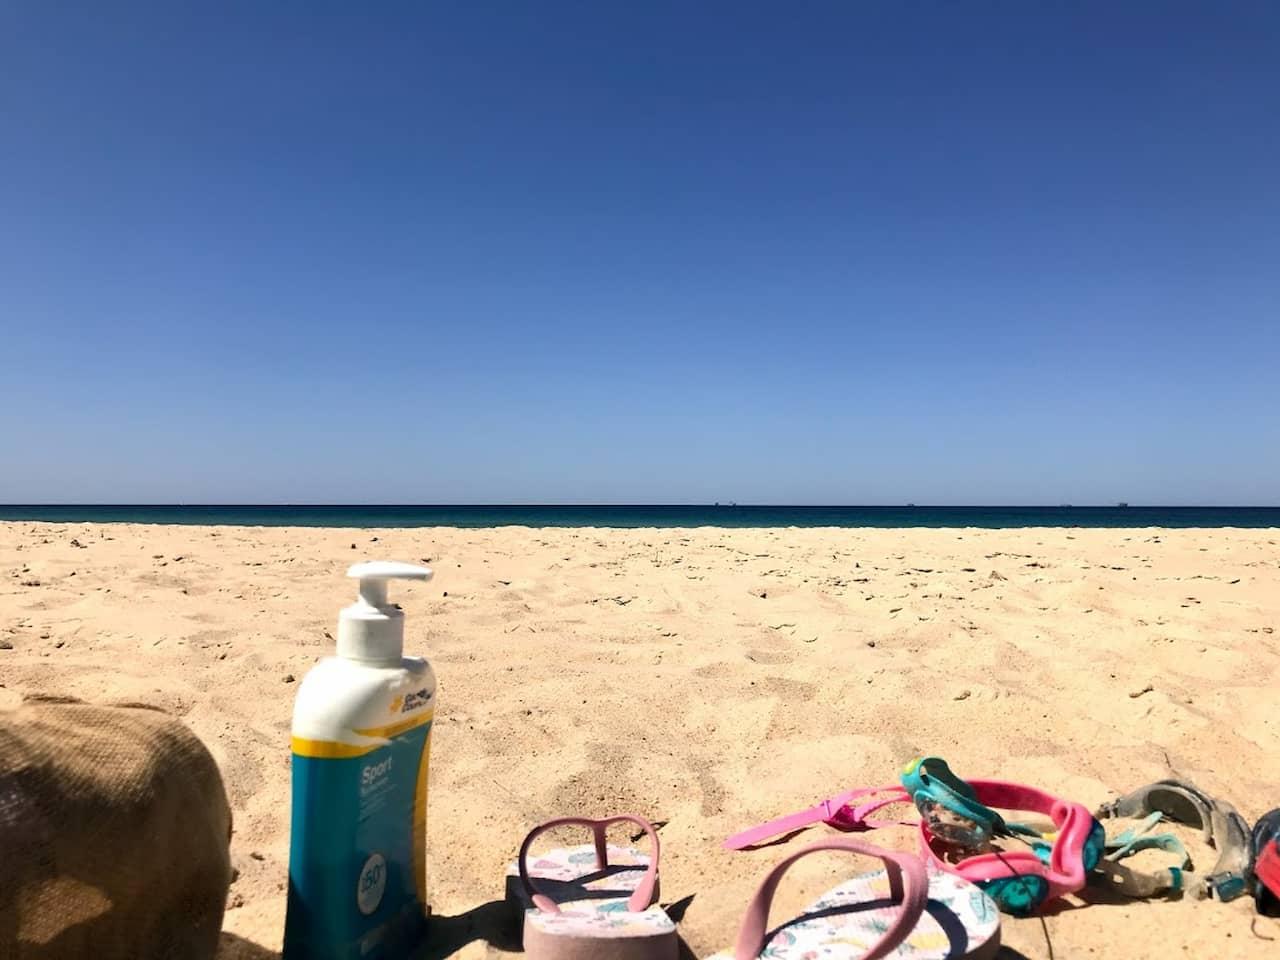 サンシャインコーストのビーチでの写真 Coolum Beach で泊まったホテルのベッドルームの写真 ©kosodatebrisbane.com